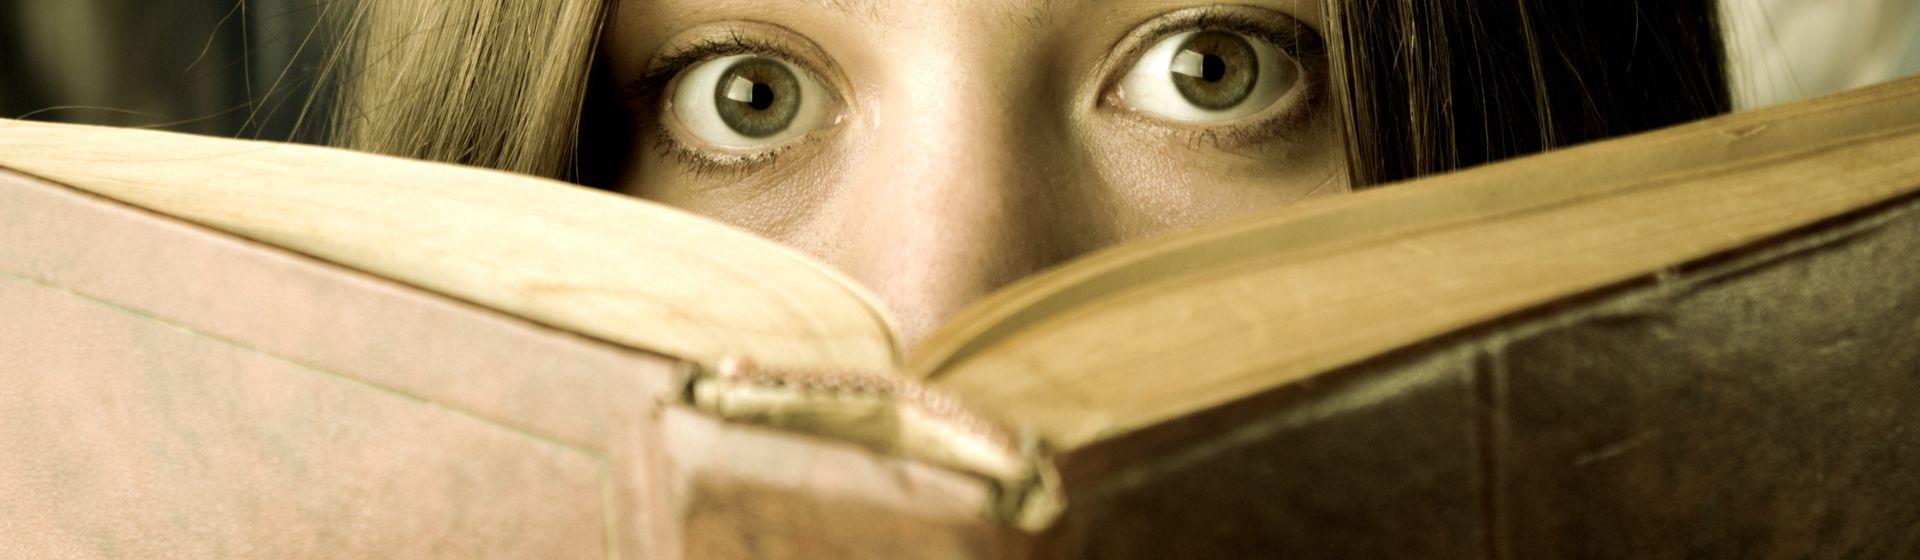 Melhores Livros de Suspense: conheça 12 títulos em 2020